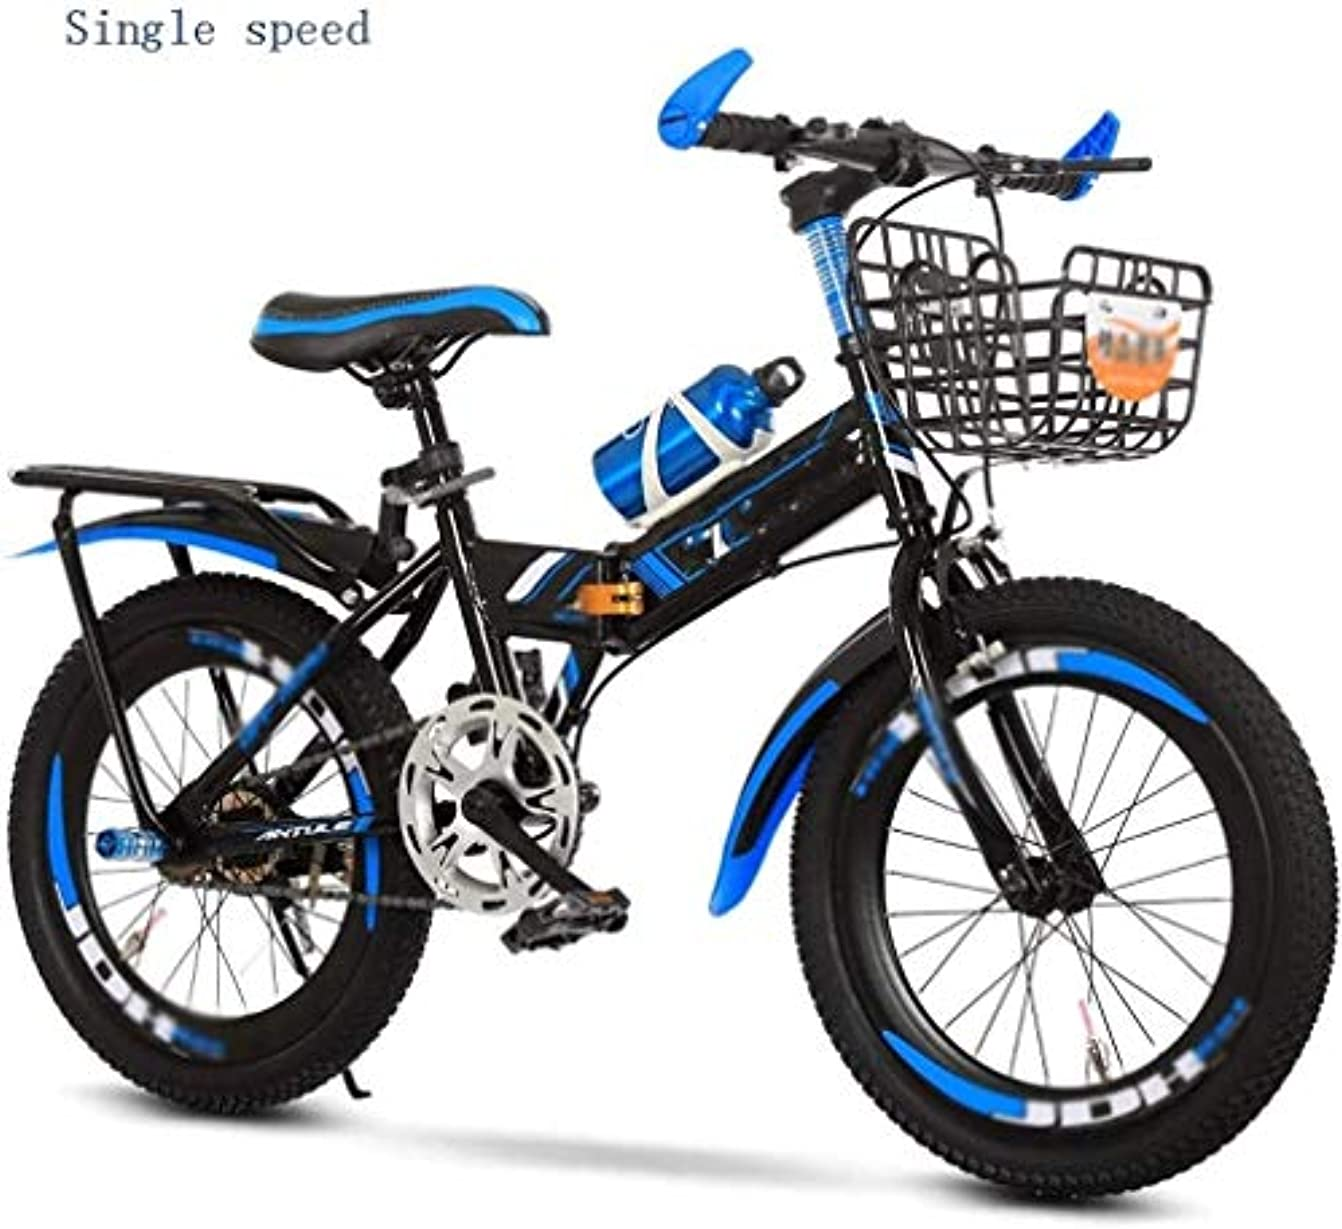 警察署ささいなオペラ折りたたみマウンテンバイク21台のスピード自転車のフルサスペンションMTB自転車26in 7-8-10-12-15歳、中学校の子供、小学校生徒、マウンテンバイク、少年は、大人のための折りたたみ自転車自転車 (Size : 20inch)